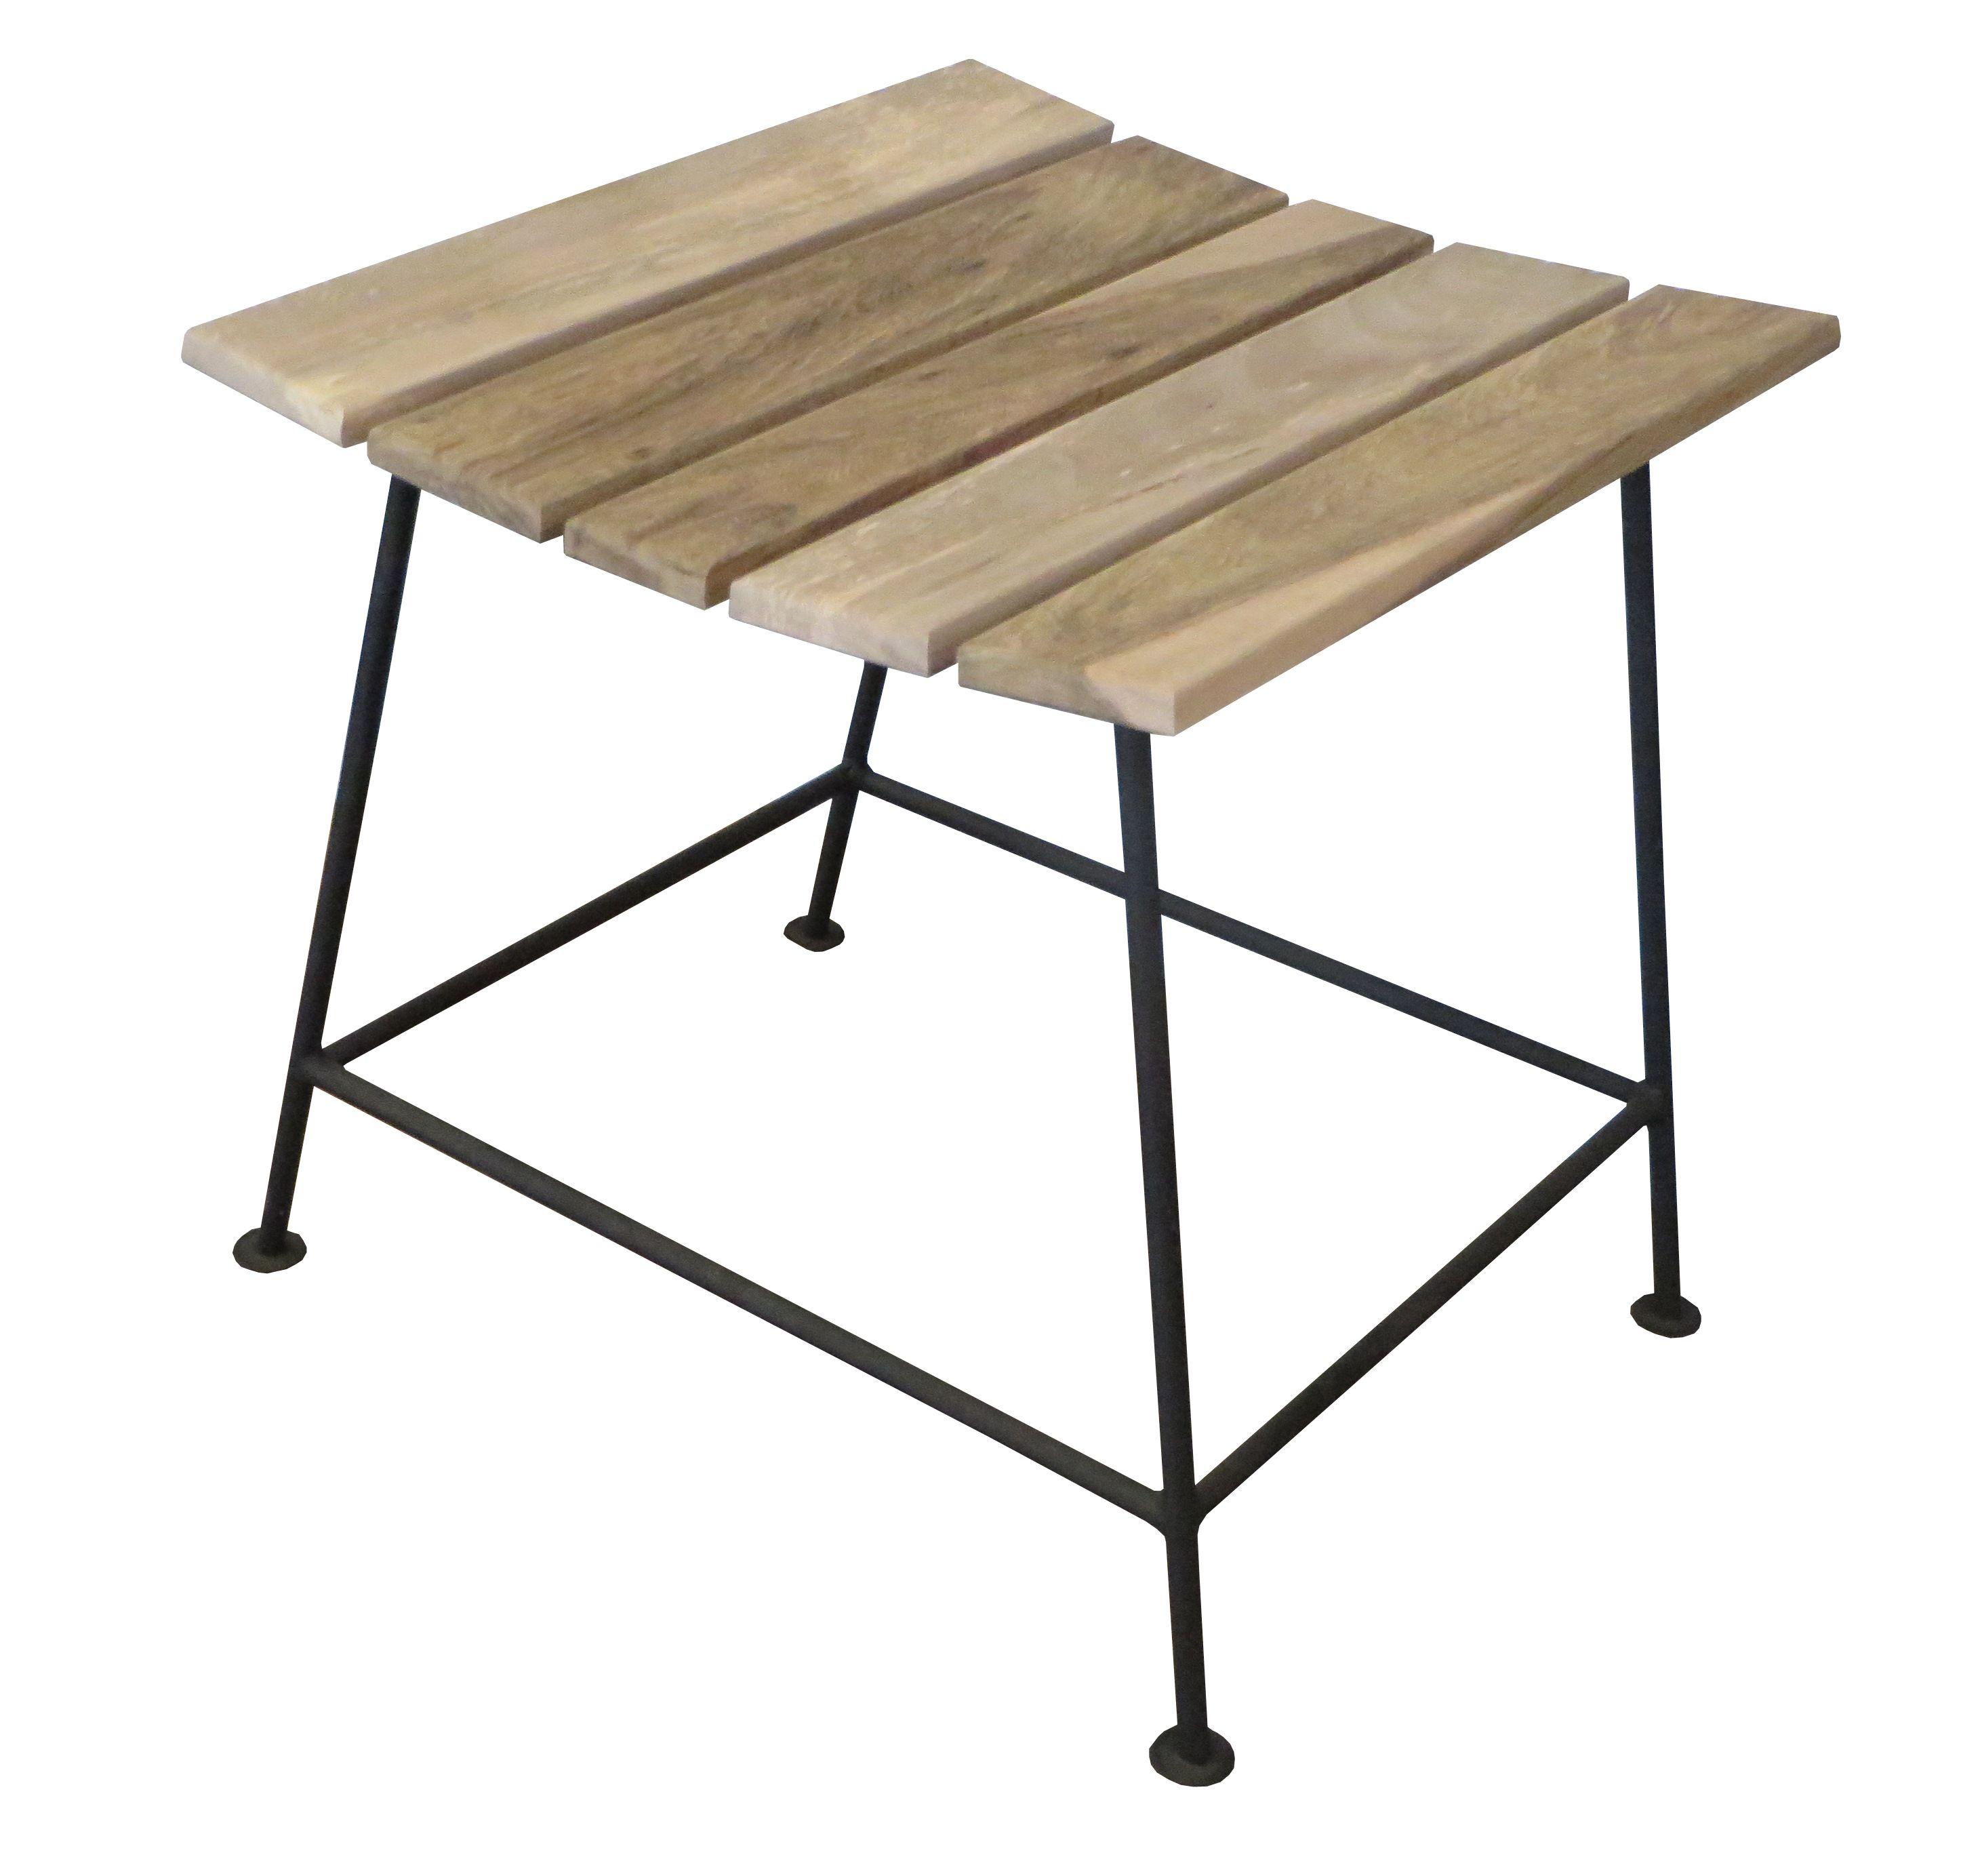 Banqueta de madera con patas de hierro piacenza las for Banquetas de madera